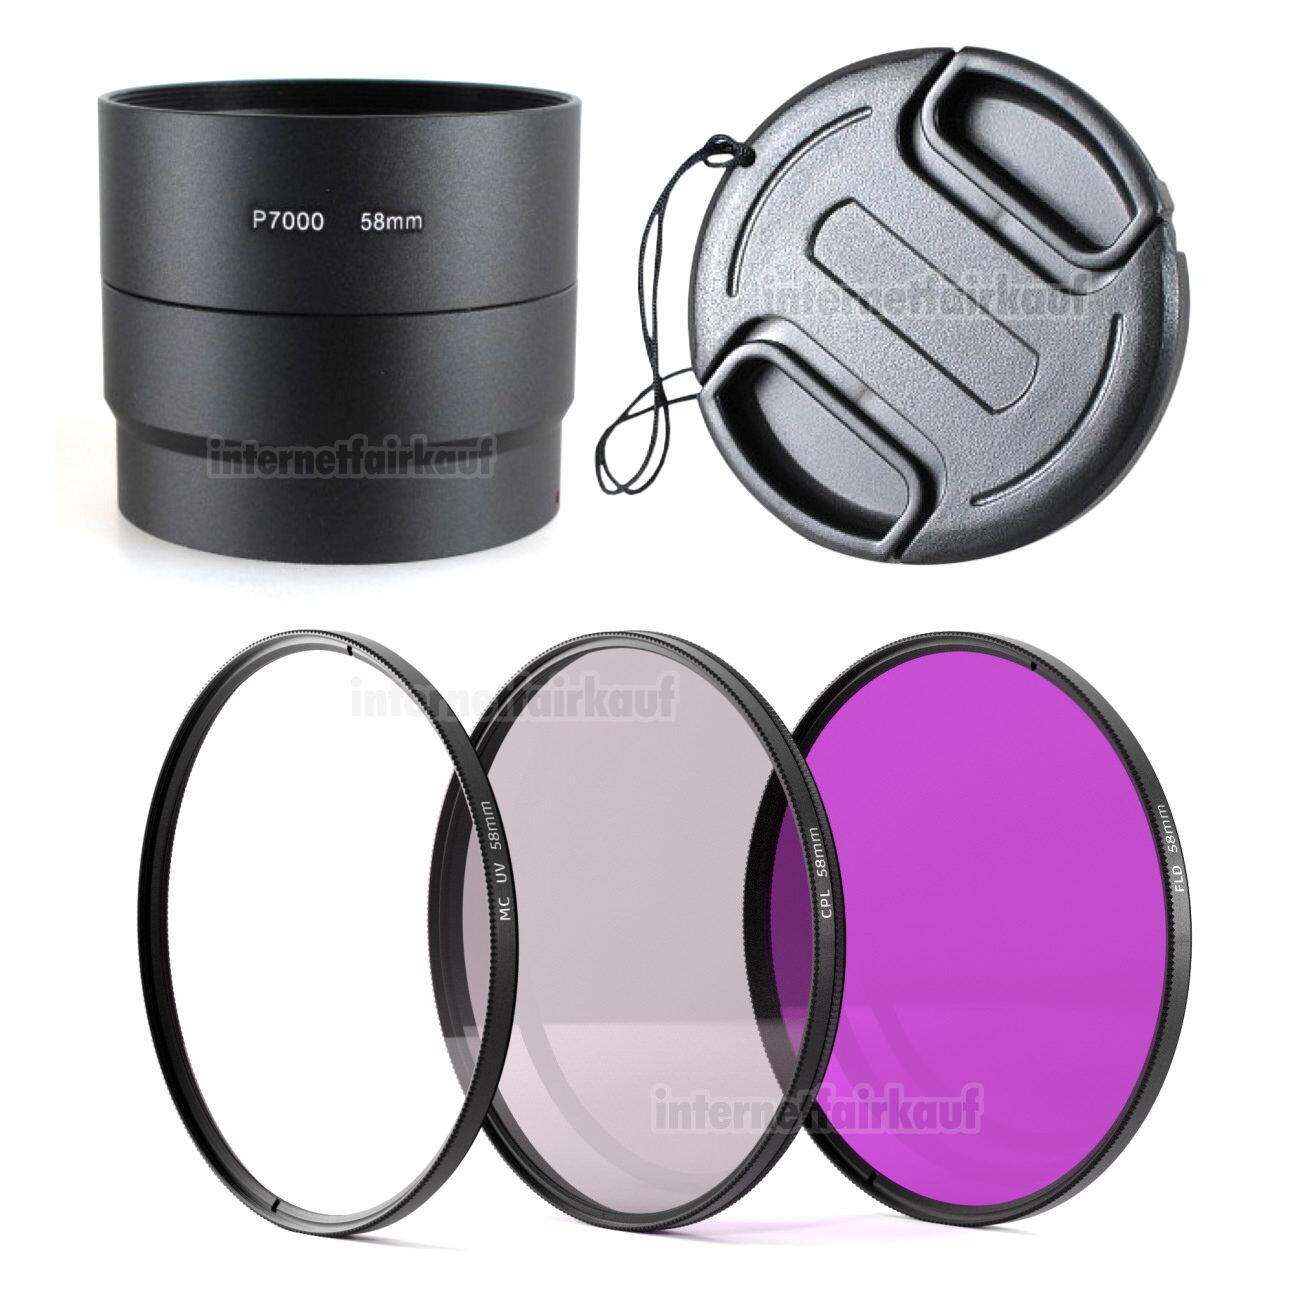 5-teiliges Zubehörset für Nikon Coolpix P7000 P7100, 58mm